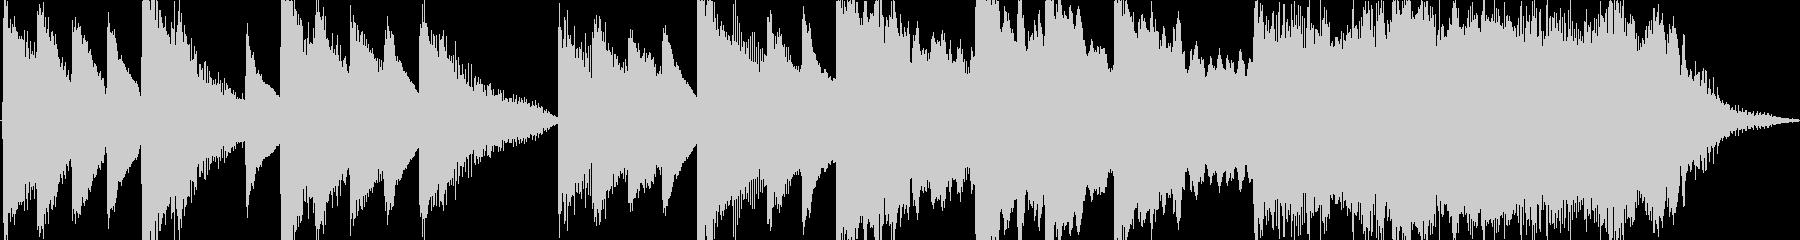 消臭力のコマーシャルを連想して作りまし…の未再生の波形